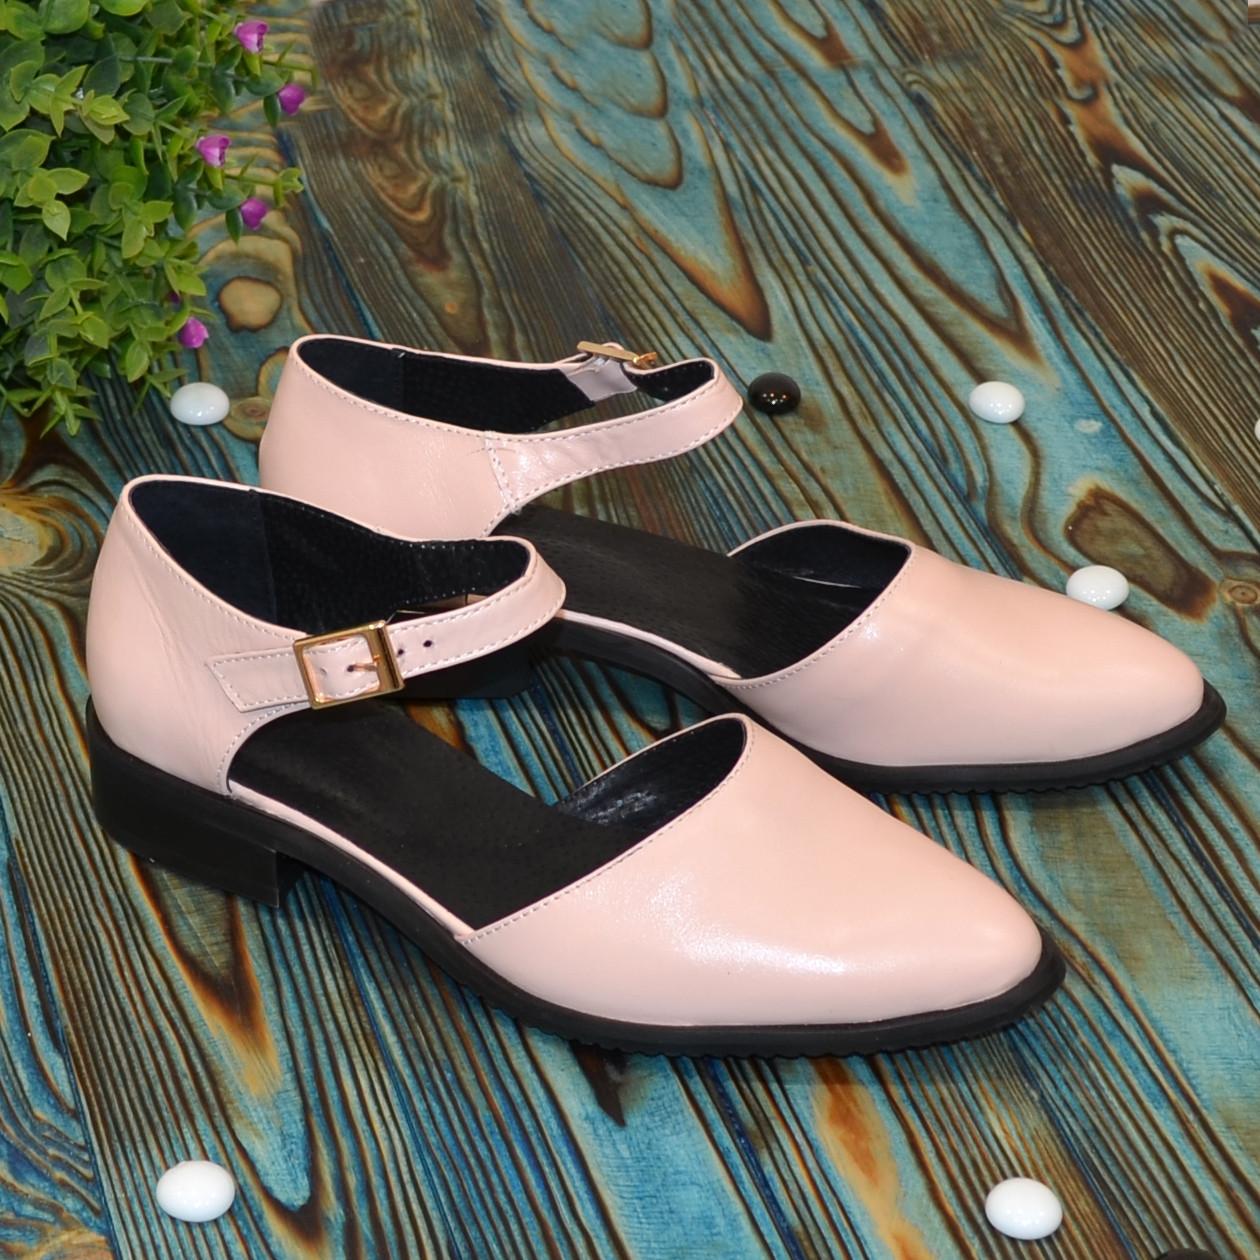 Туфли женские кожаные на низком ходу, цвет пудра